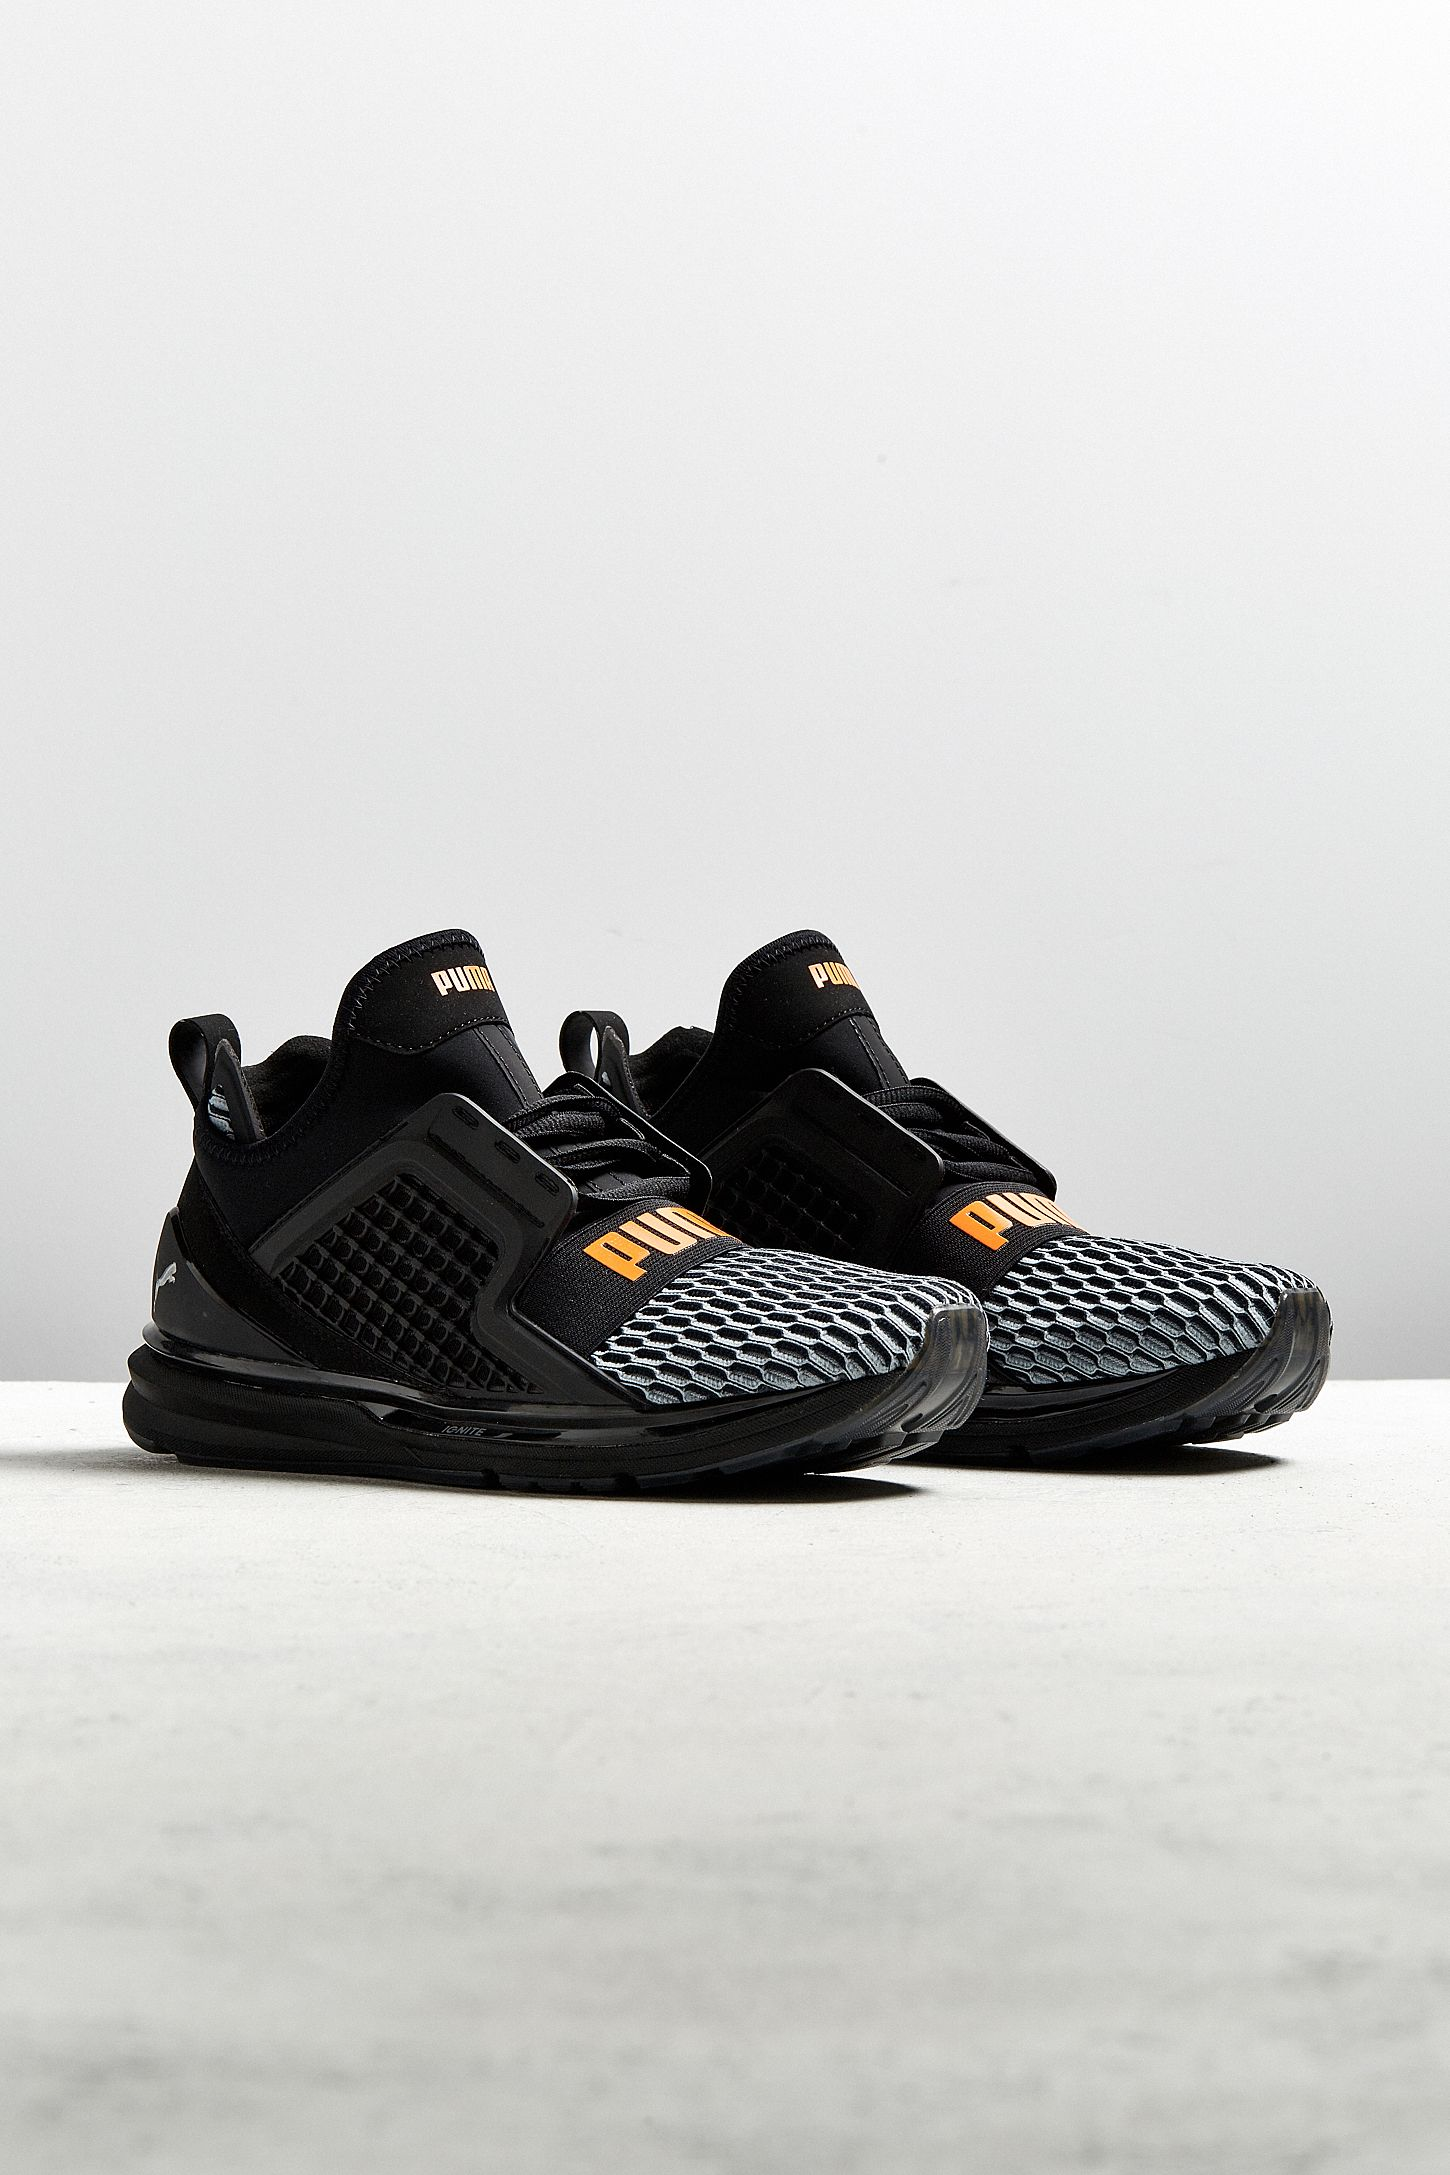 532e0d99a0c Puma Ignite Limitless Sneaker